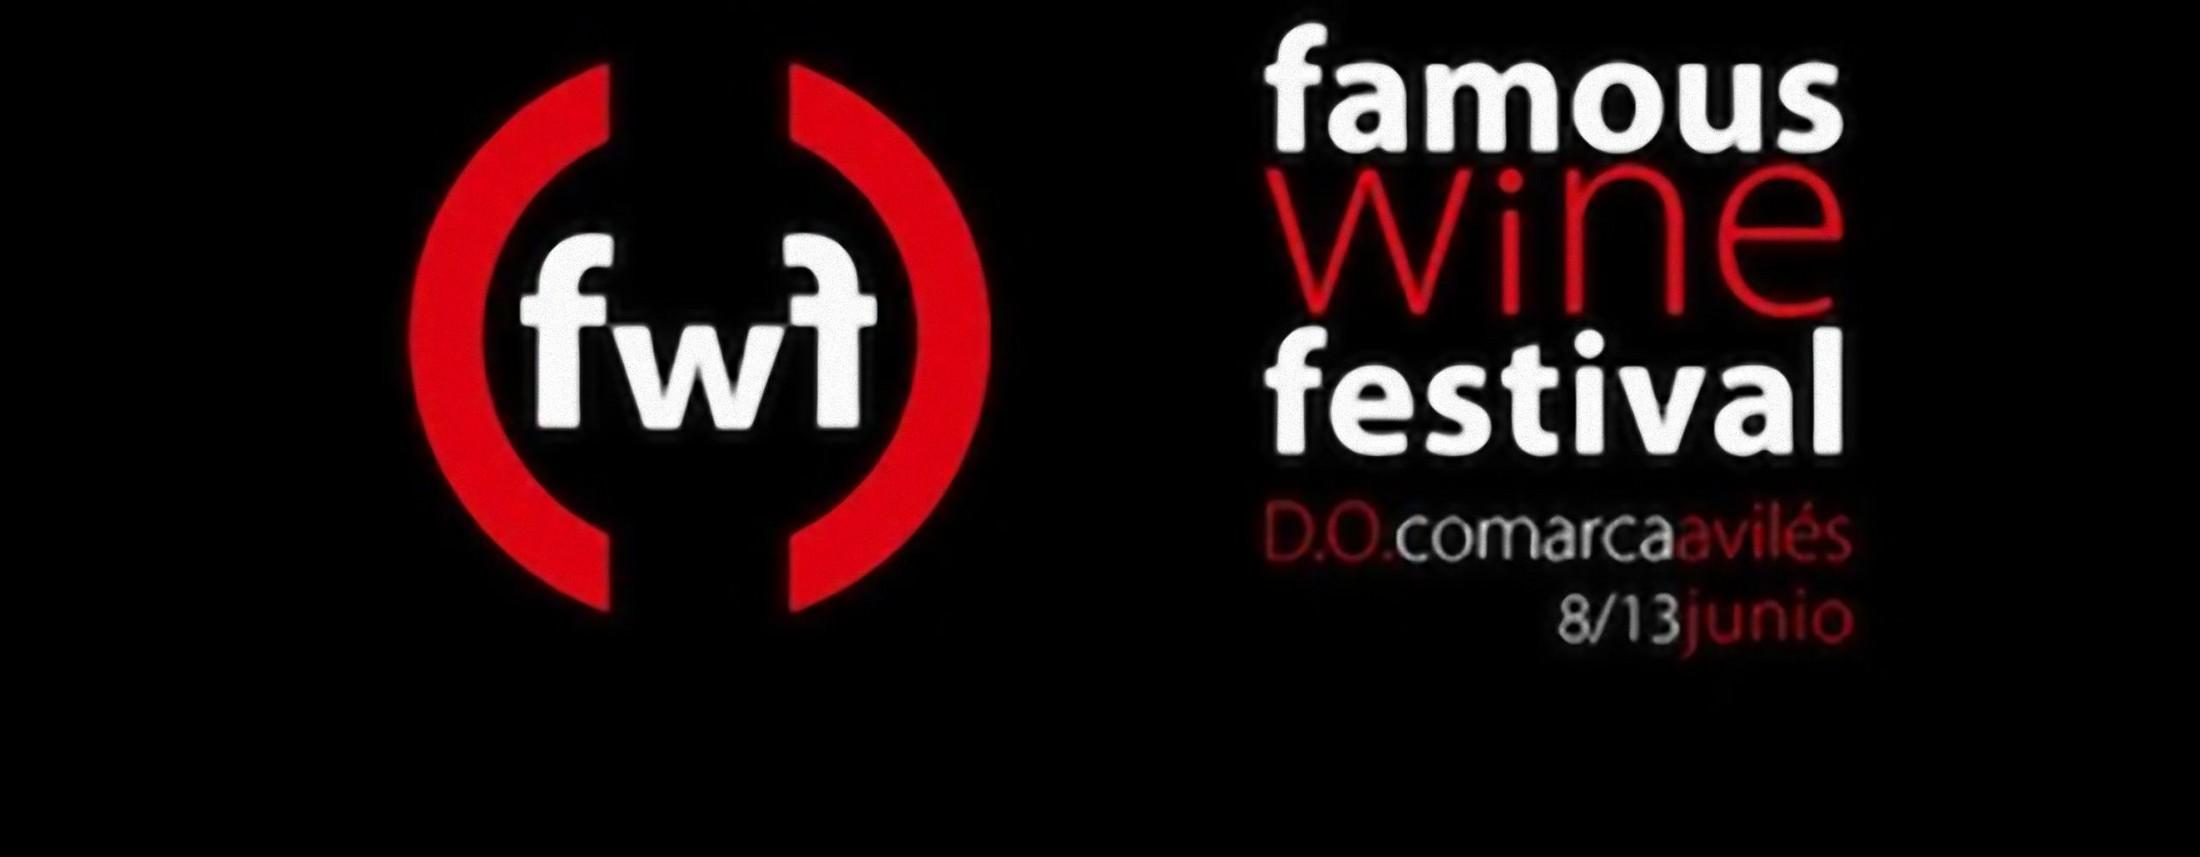 Famous Wine Festival